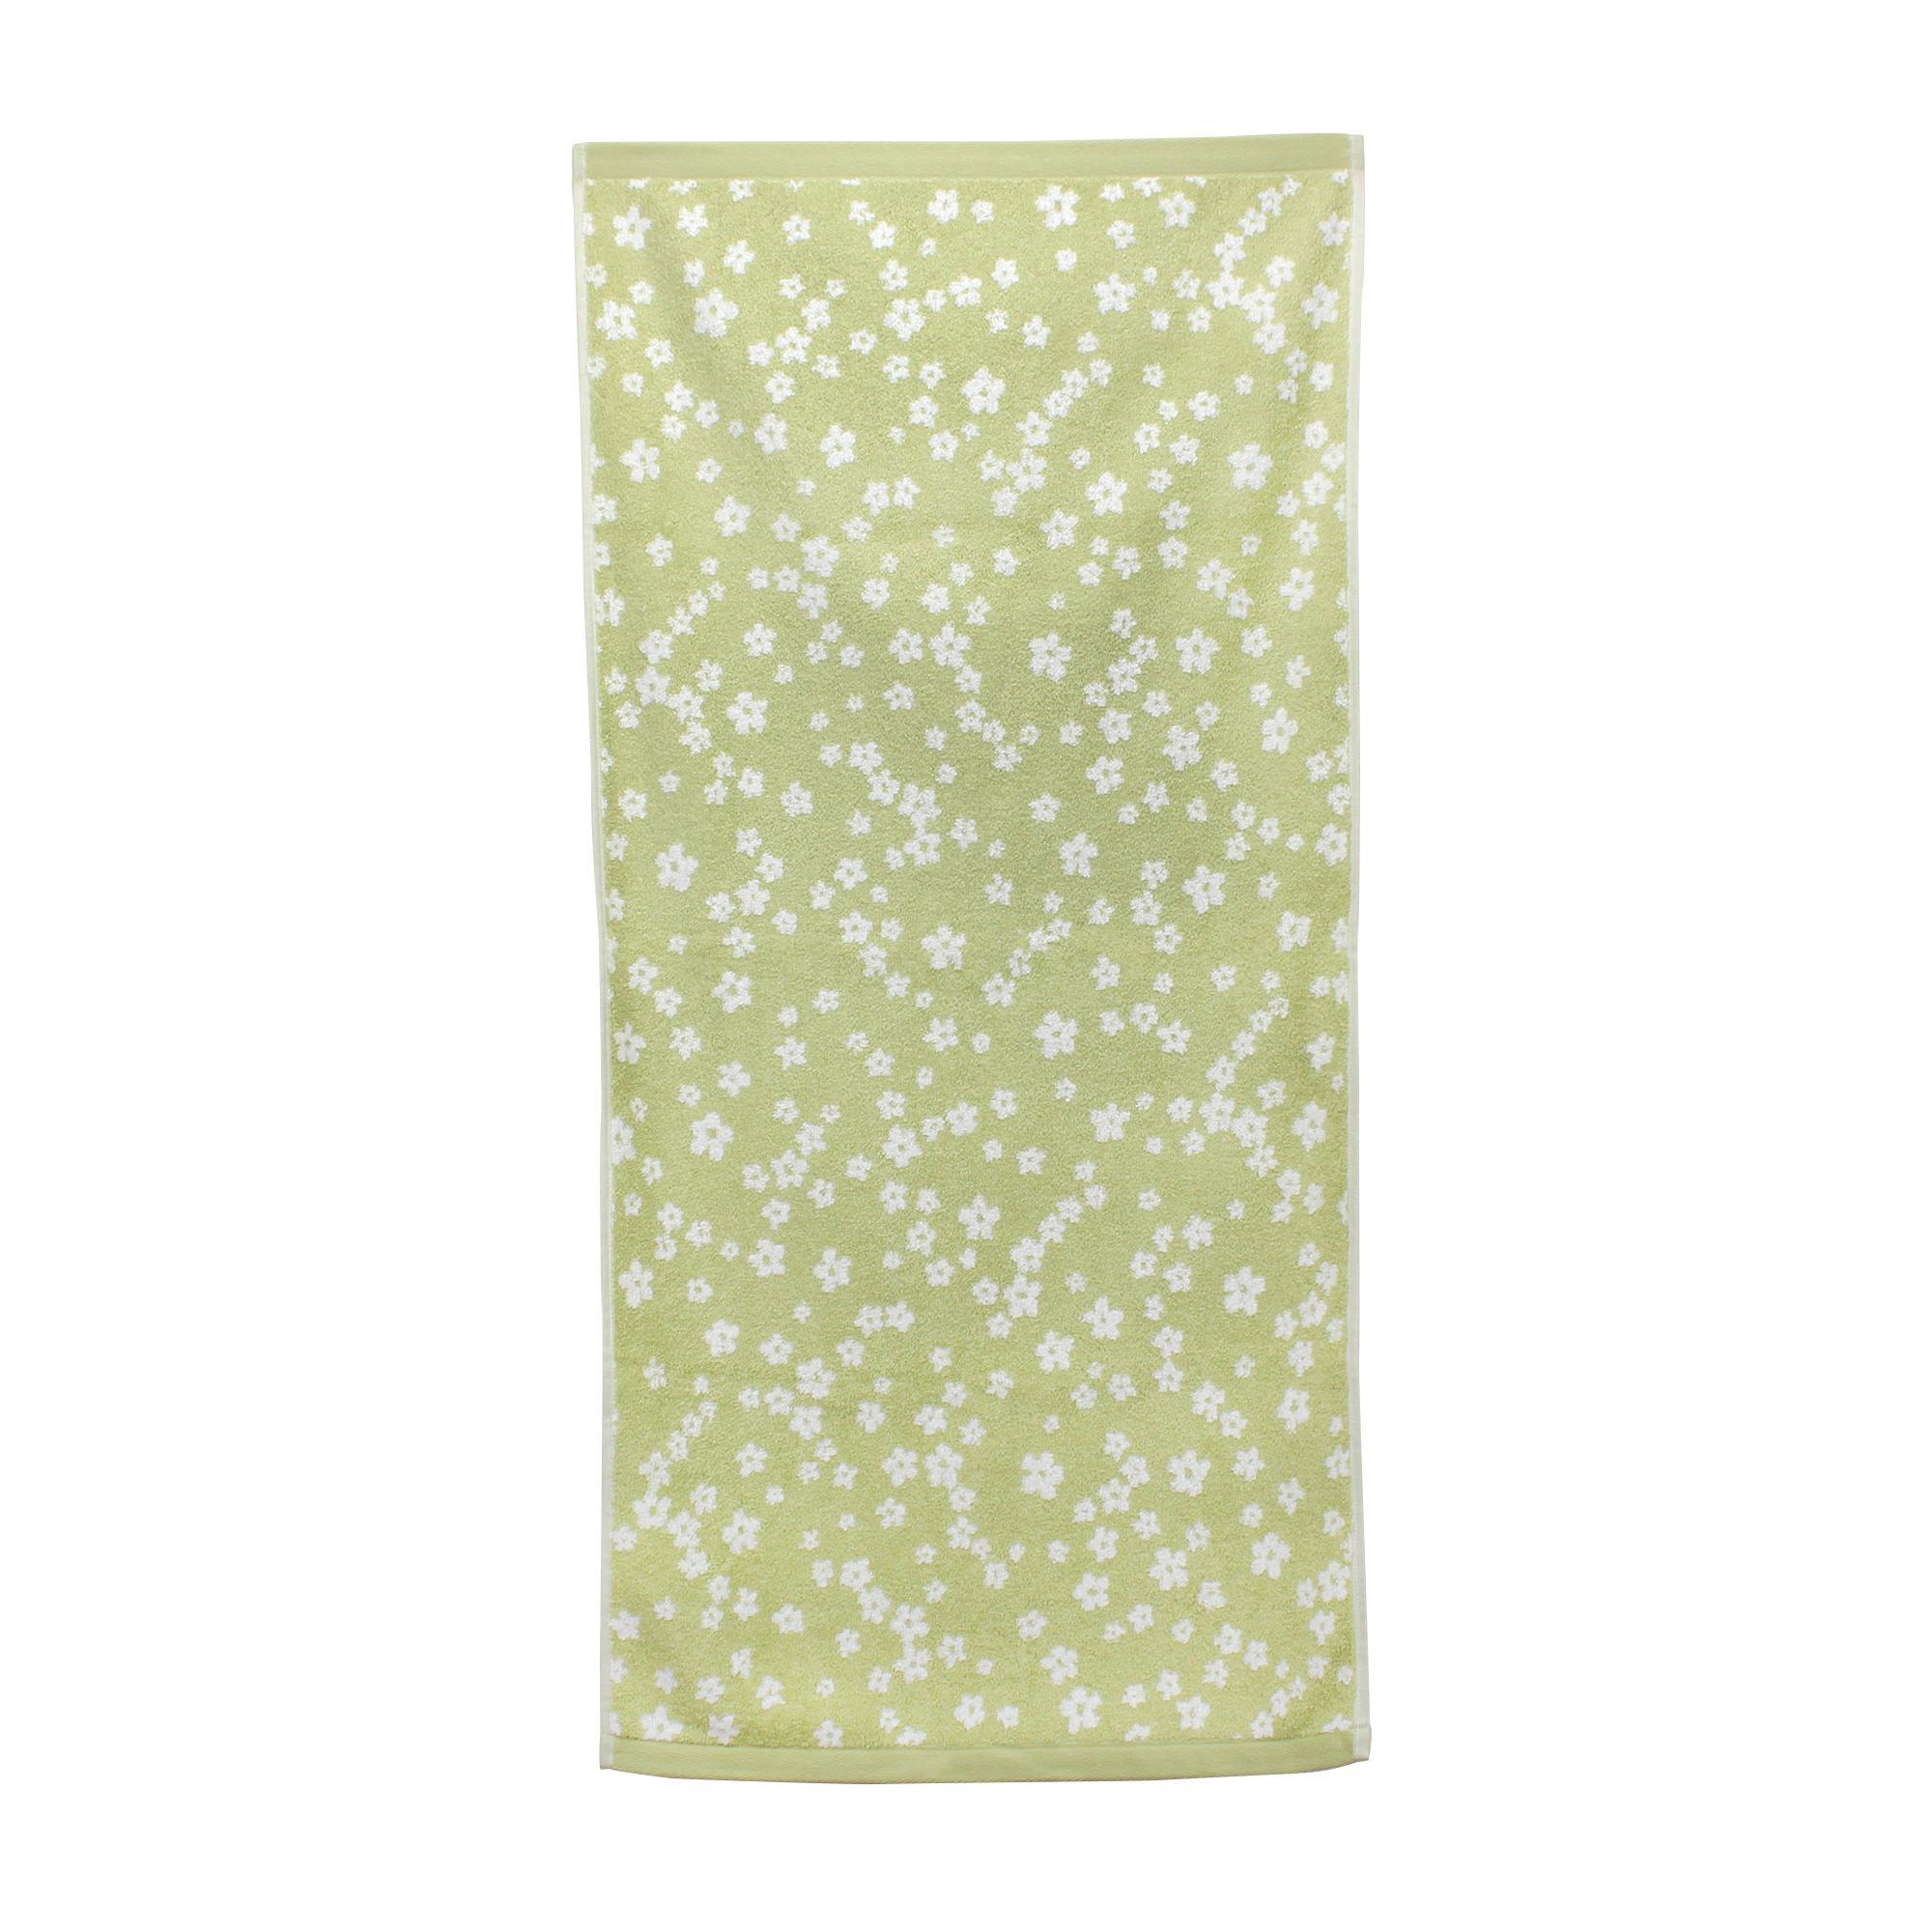 Serviette-de-toilette-50x100-100-coton-520g-m2-FACILE-Vert